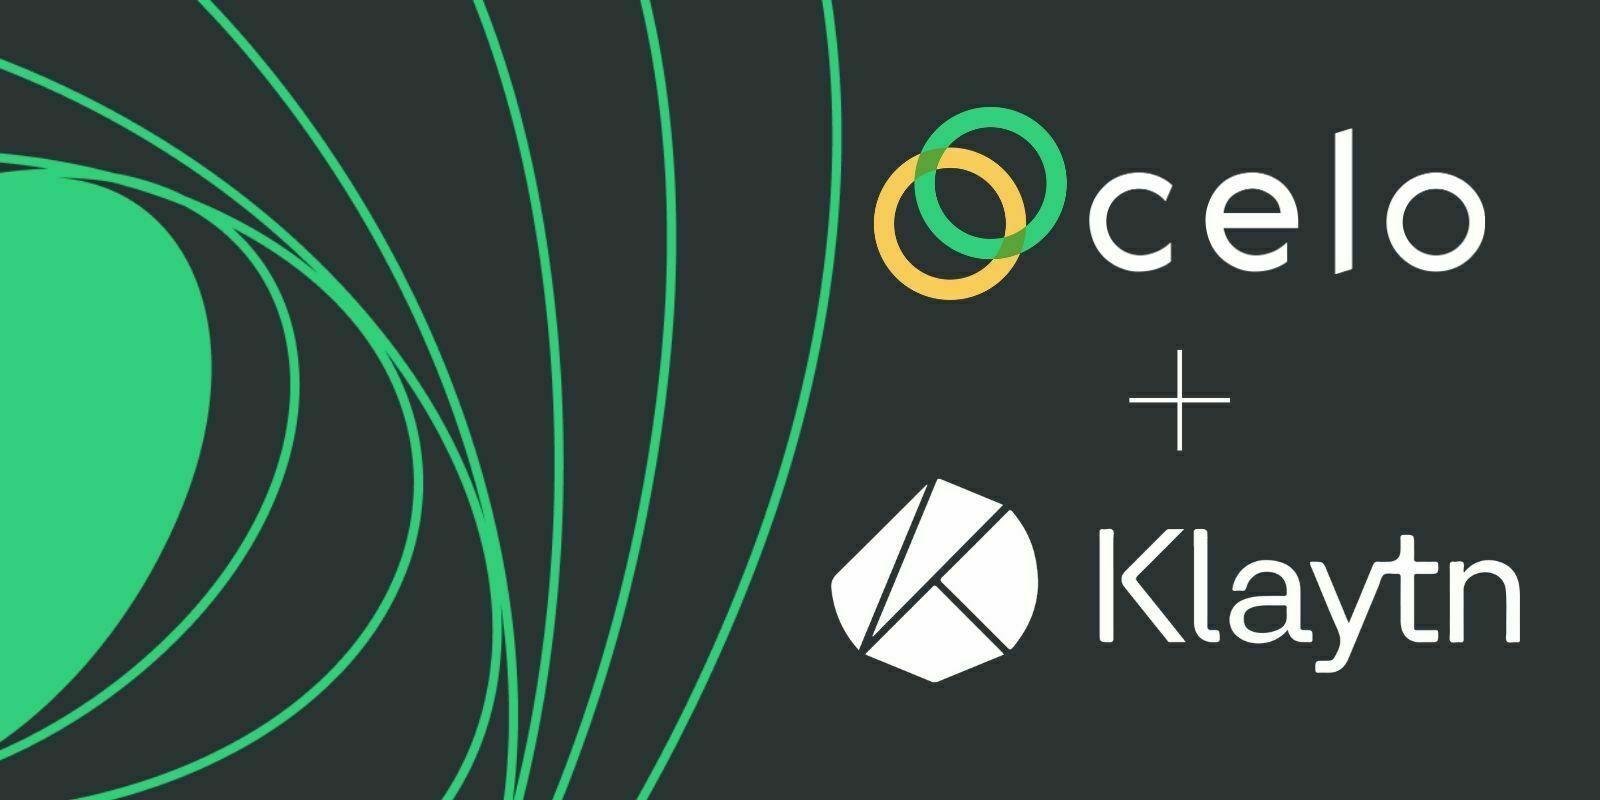 Le projet blockchain Klaytn rejoint Celo, le concurrent de la Libra